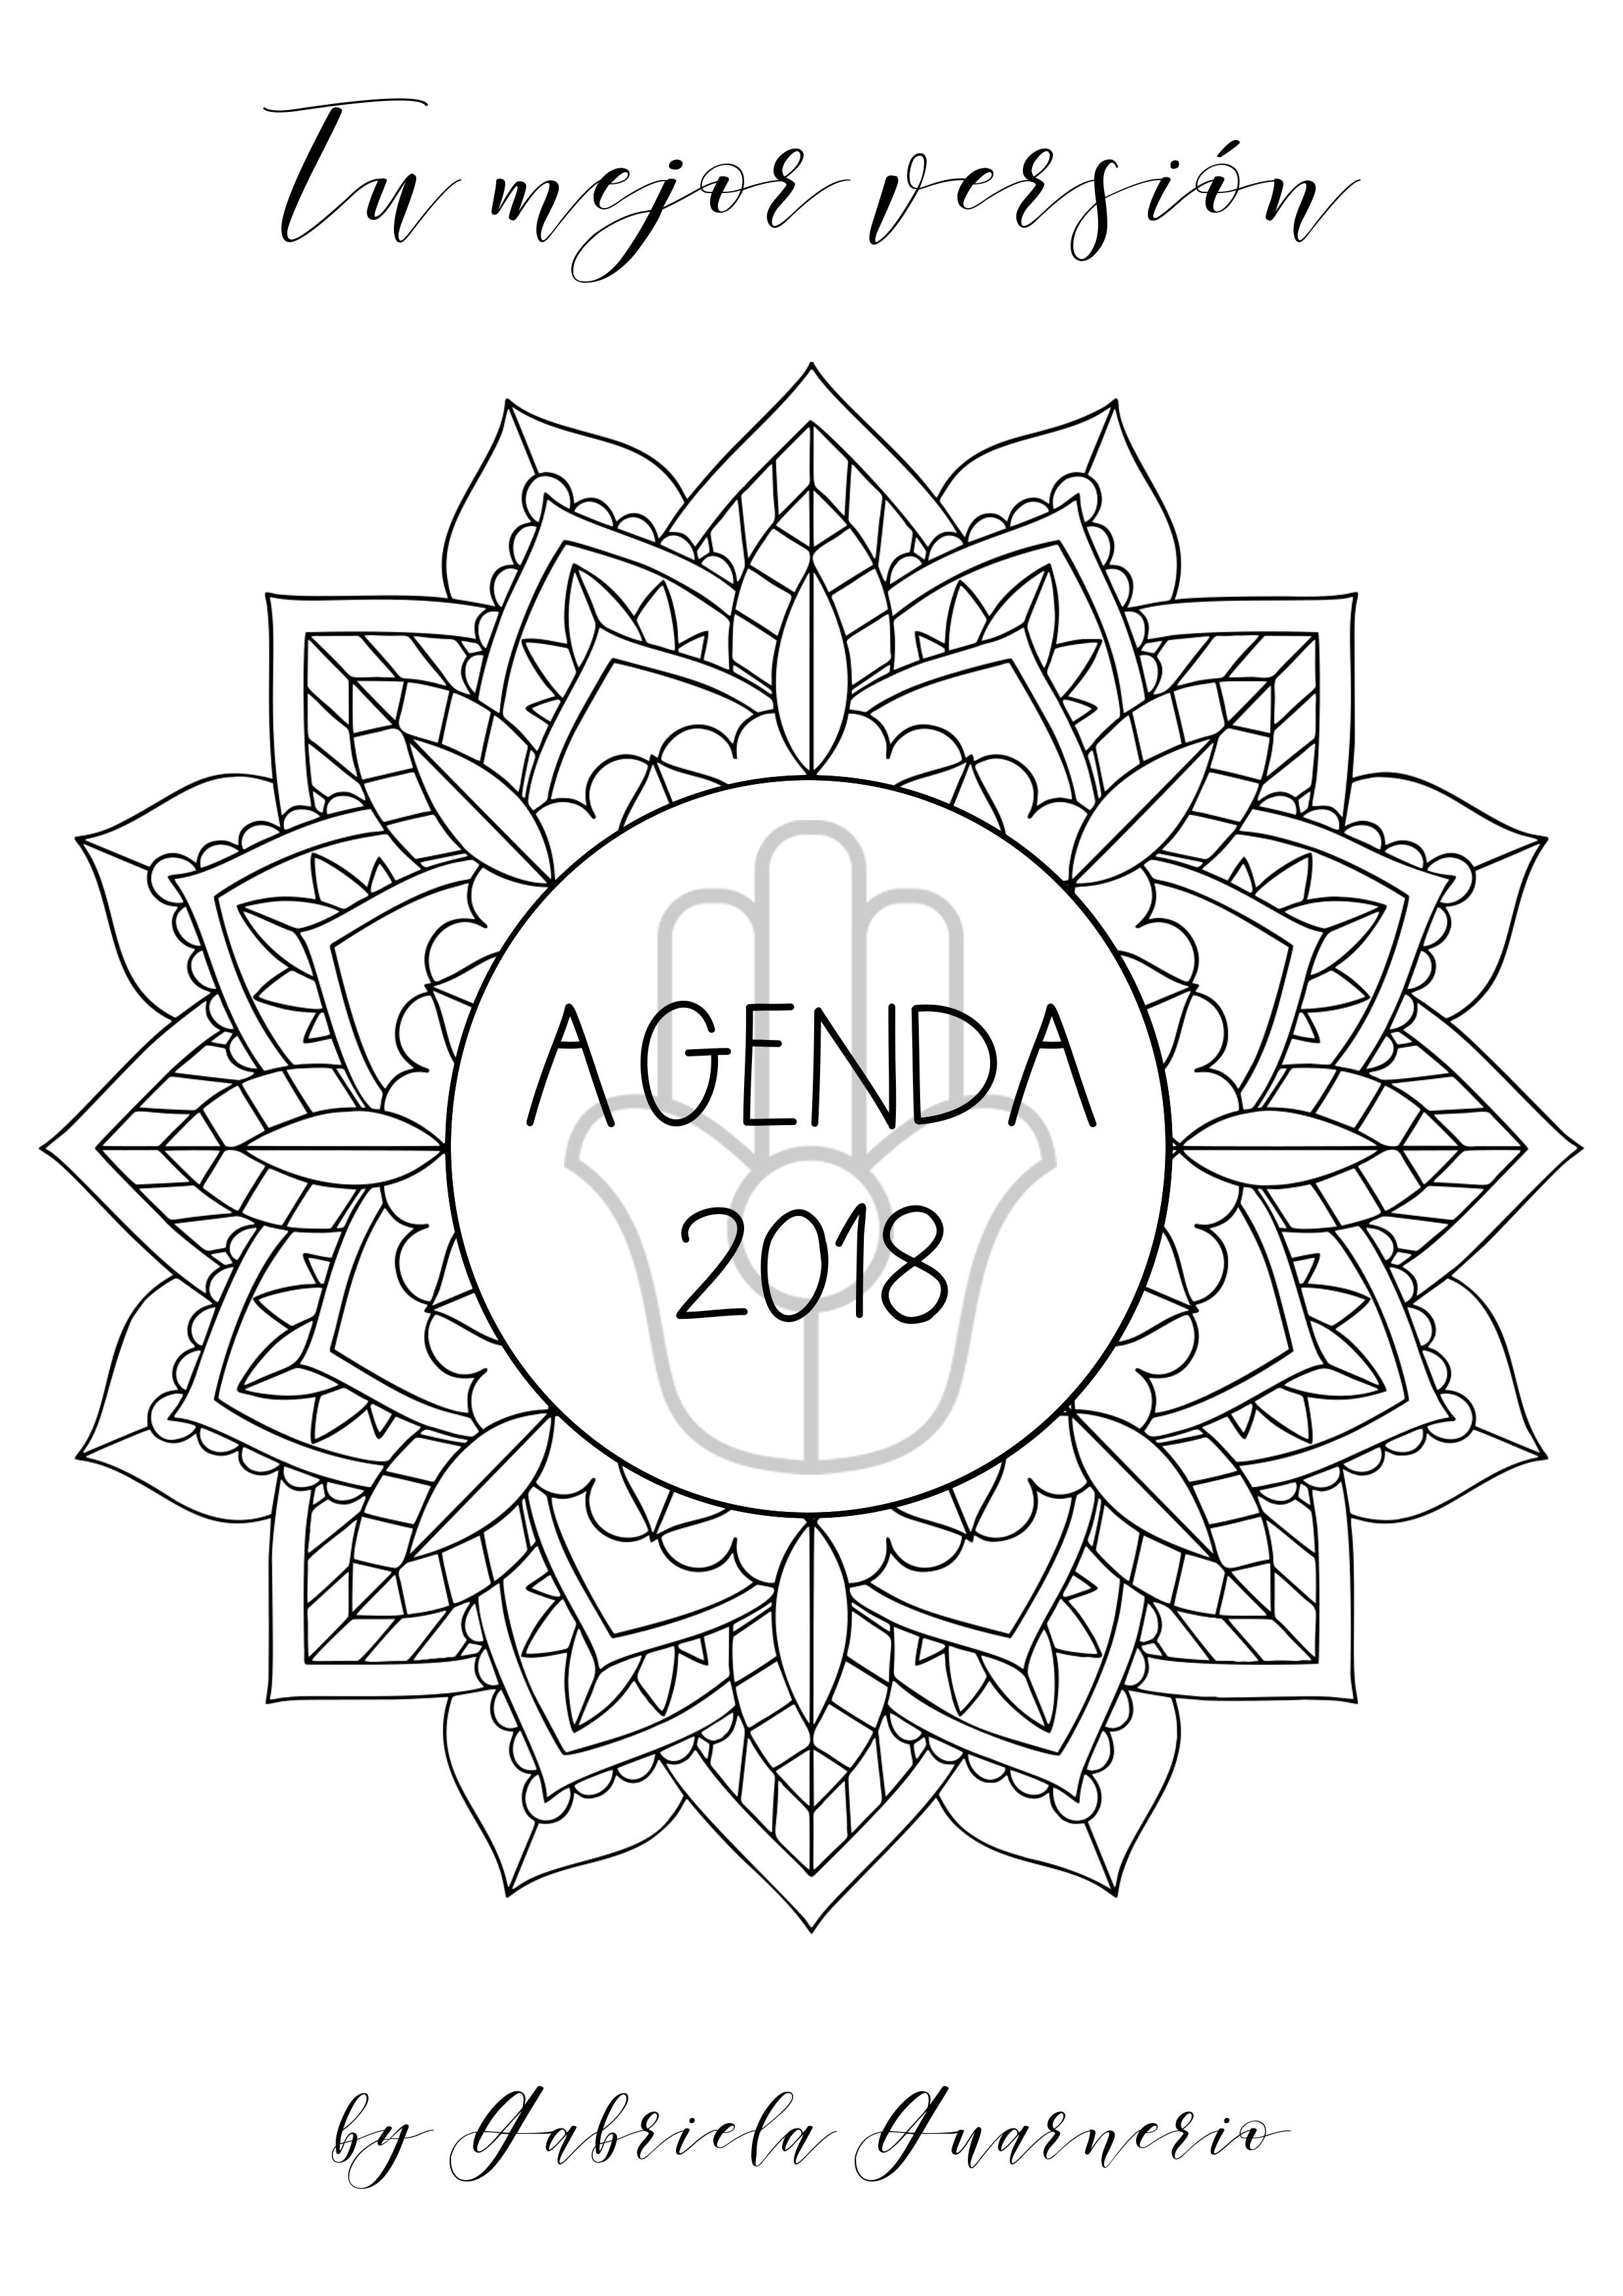 ULTIMOS DIAS Agenda 2018 gratis con mandalas para colorear y